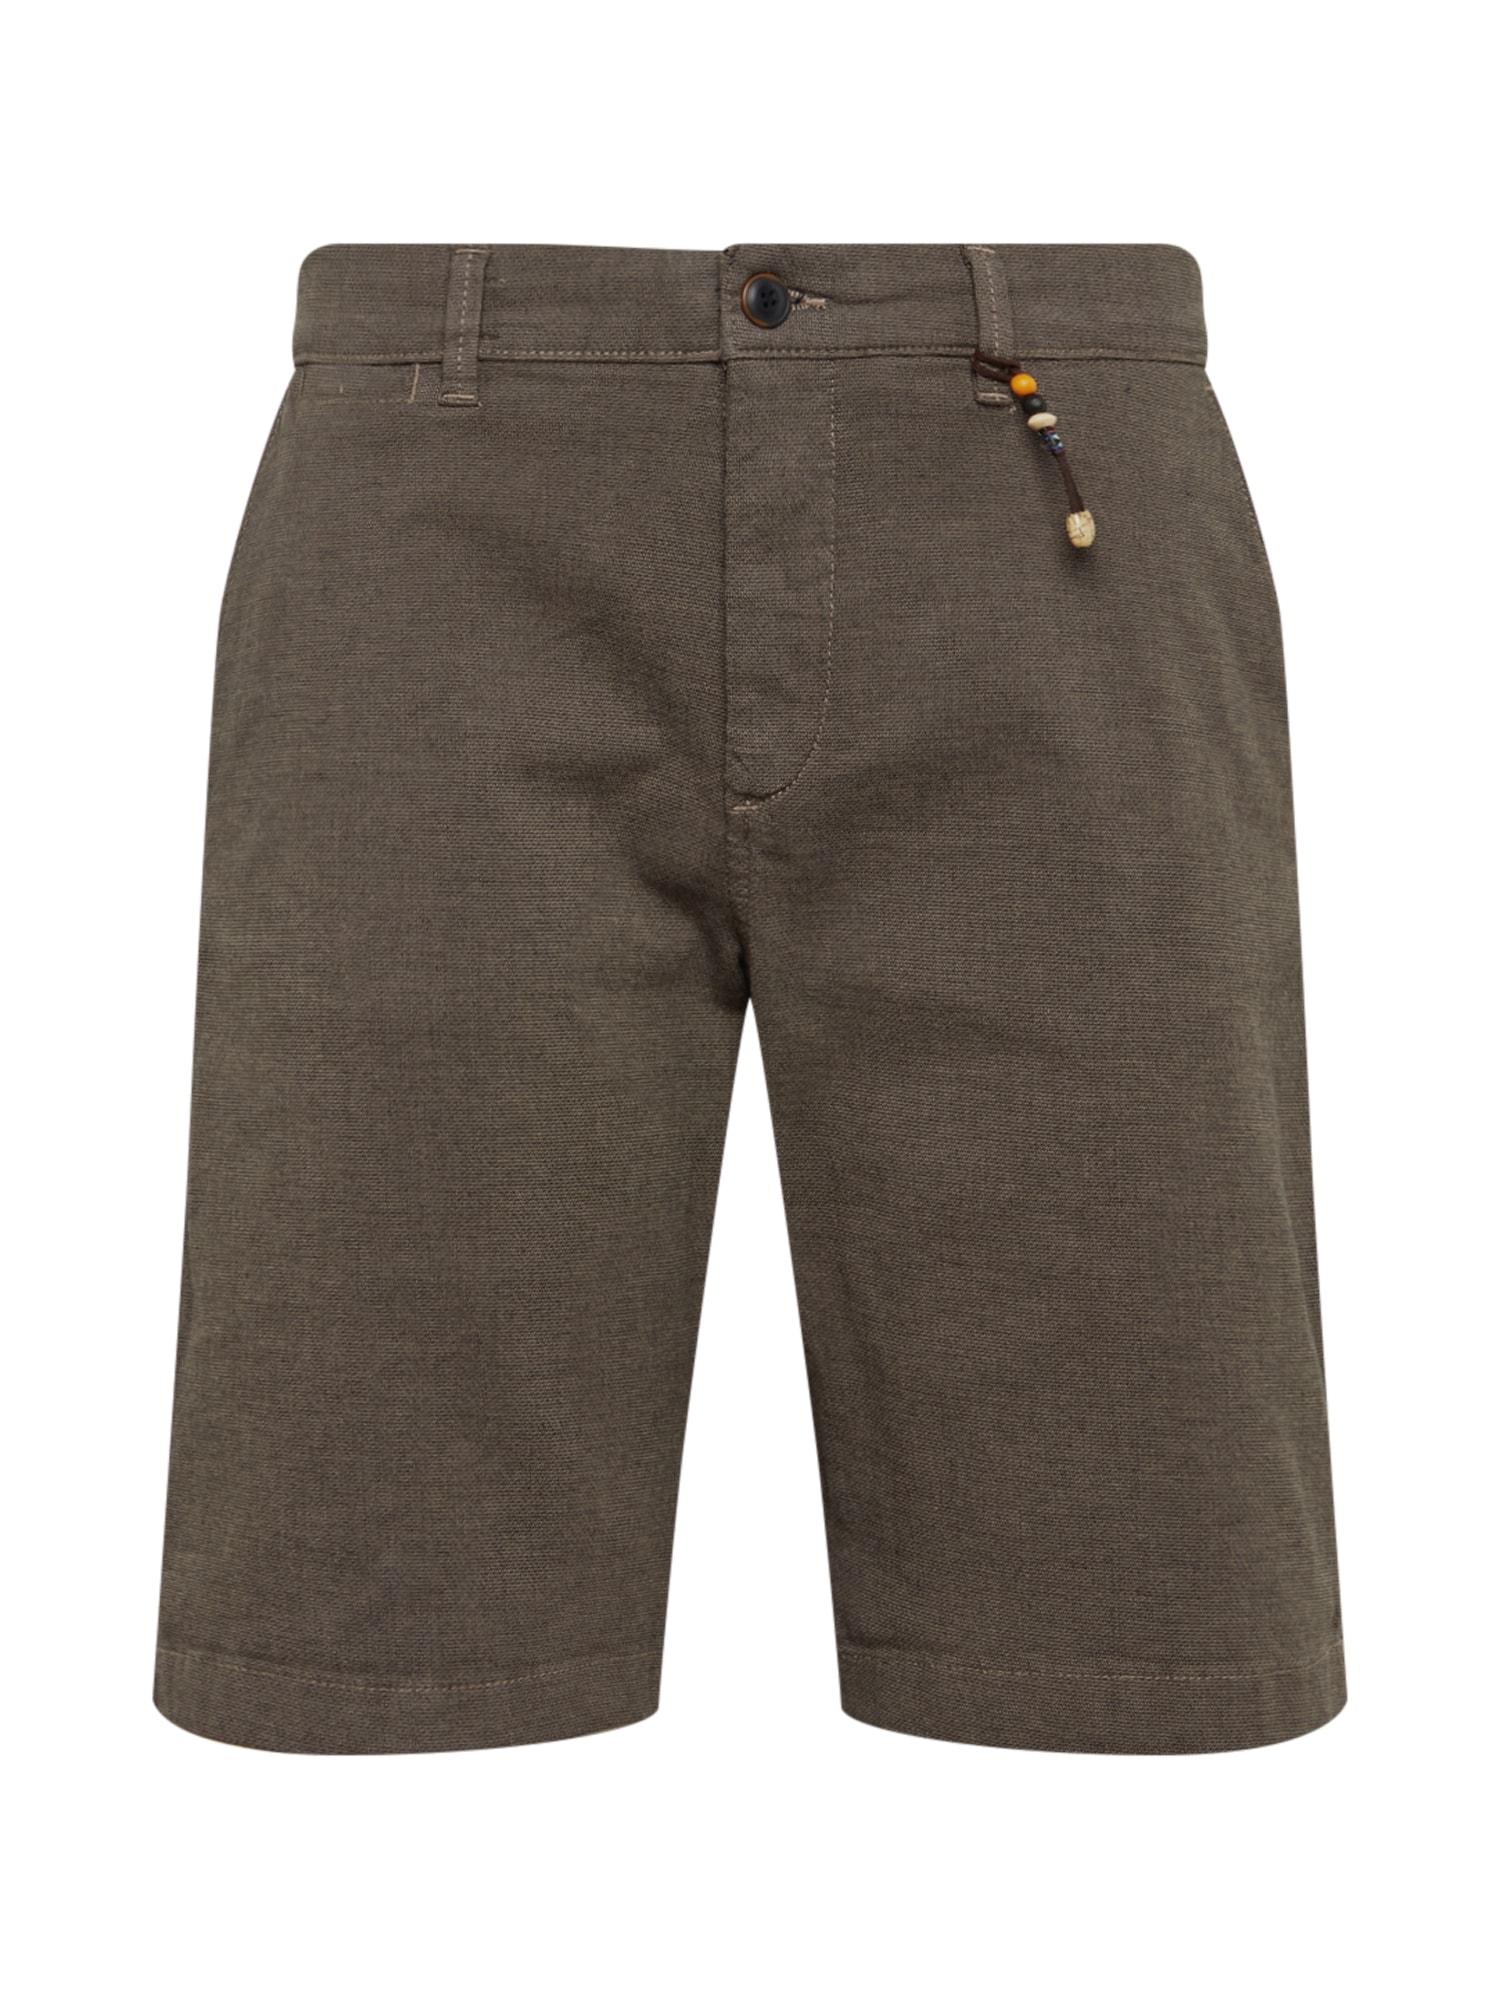 Chino kalhoty Kenzo Akm 432 tmavě šedá JACK & JONES